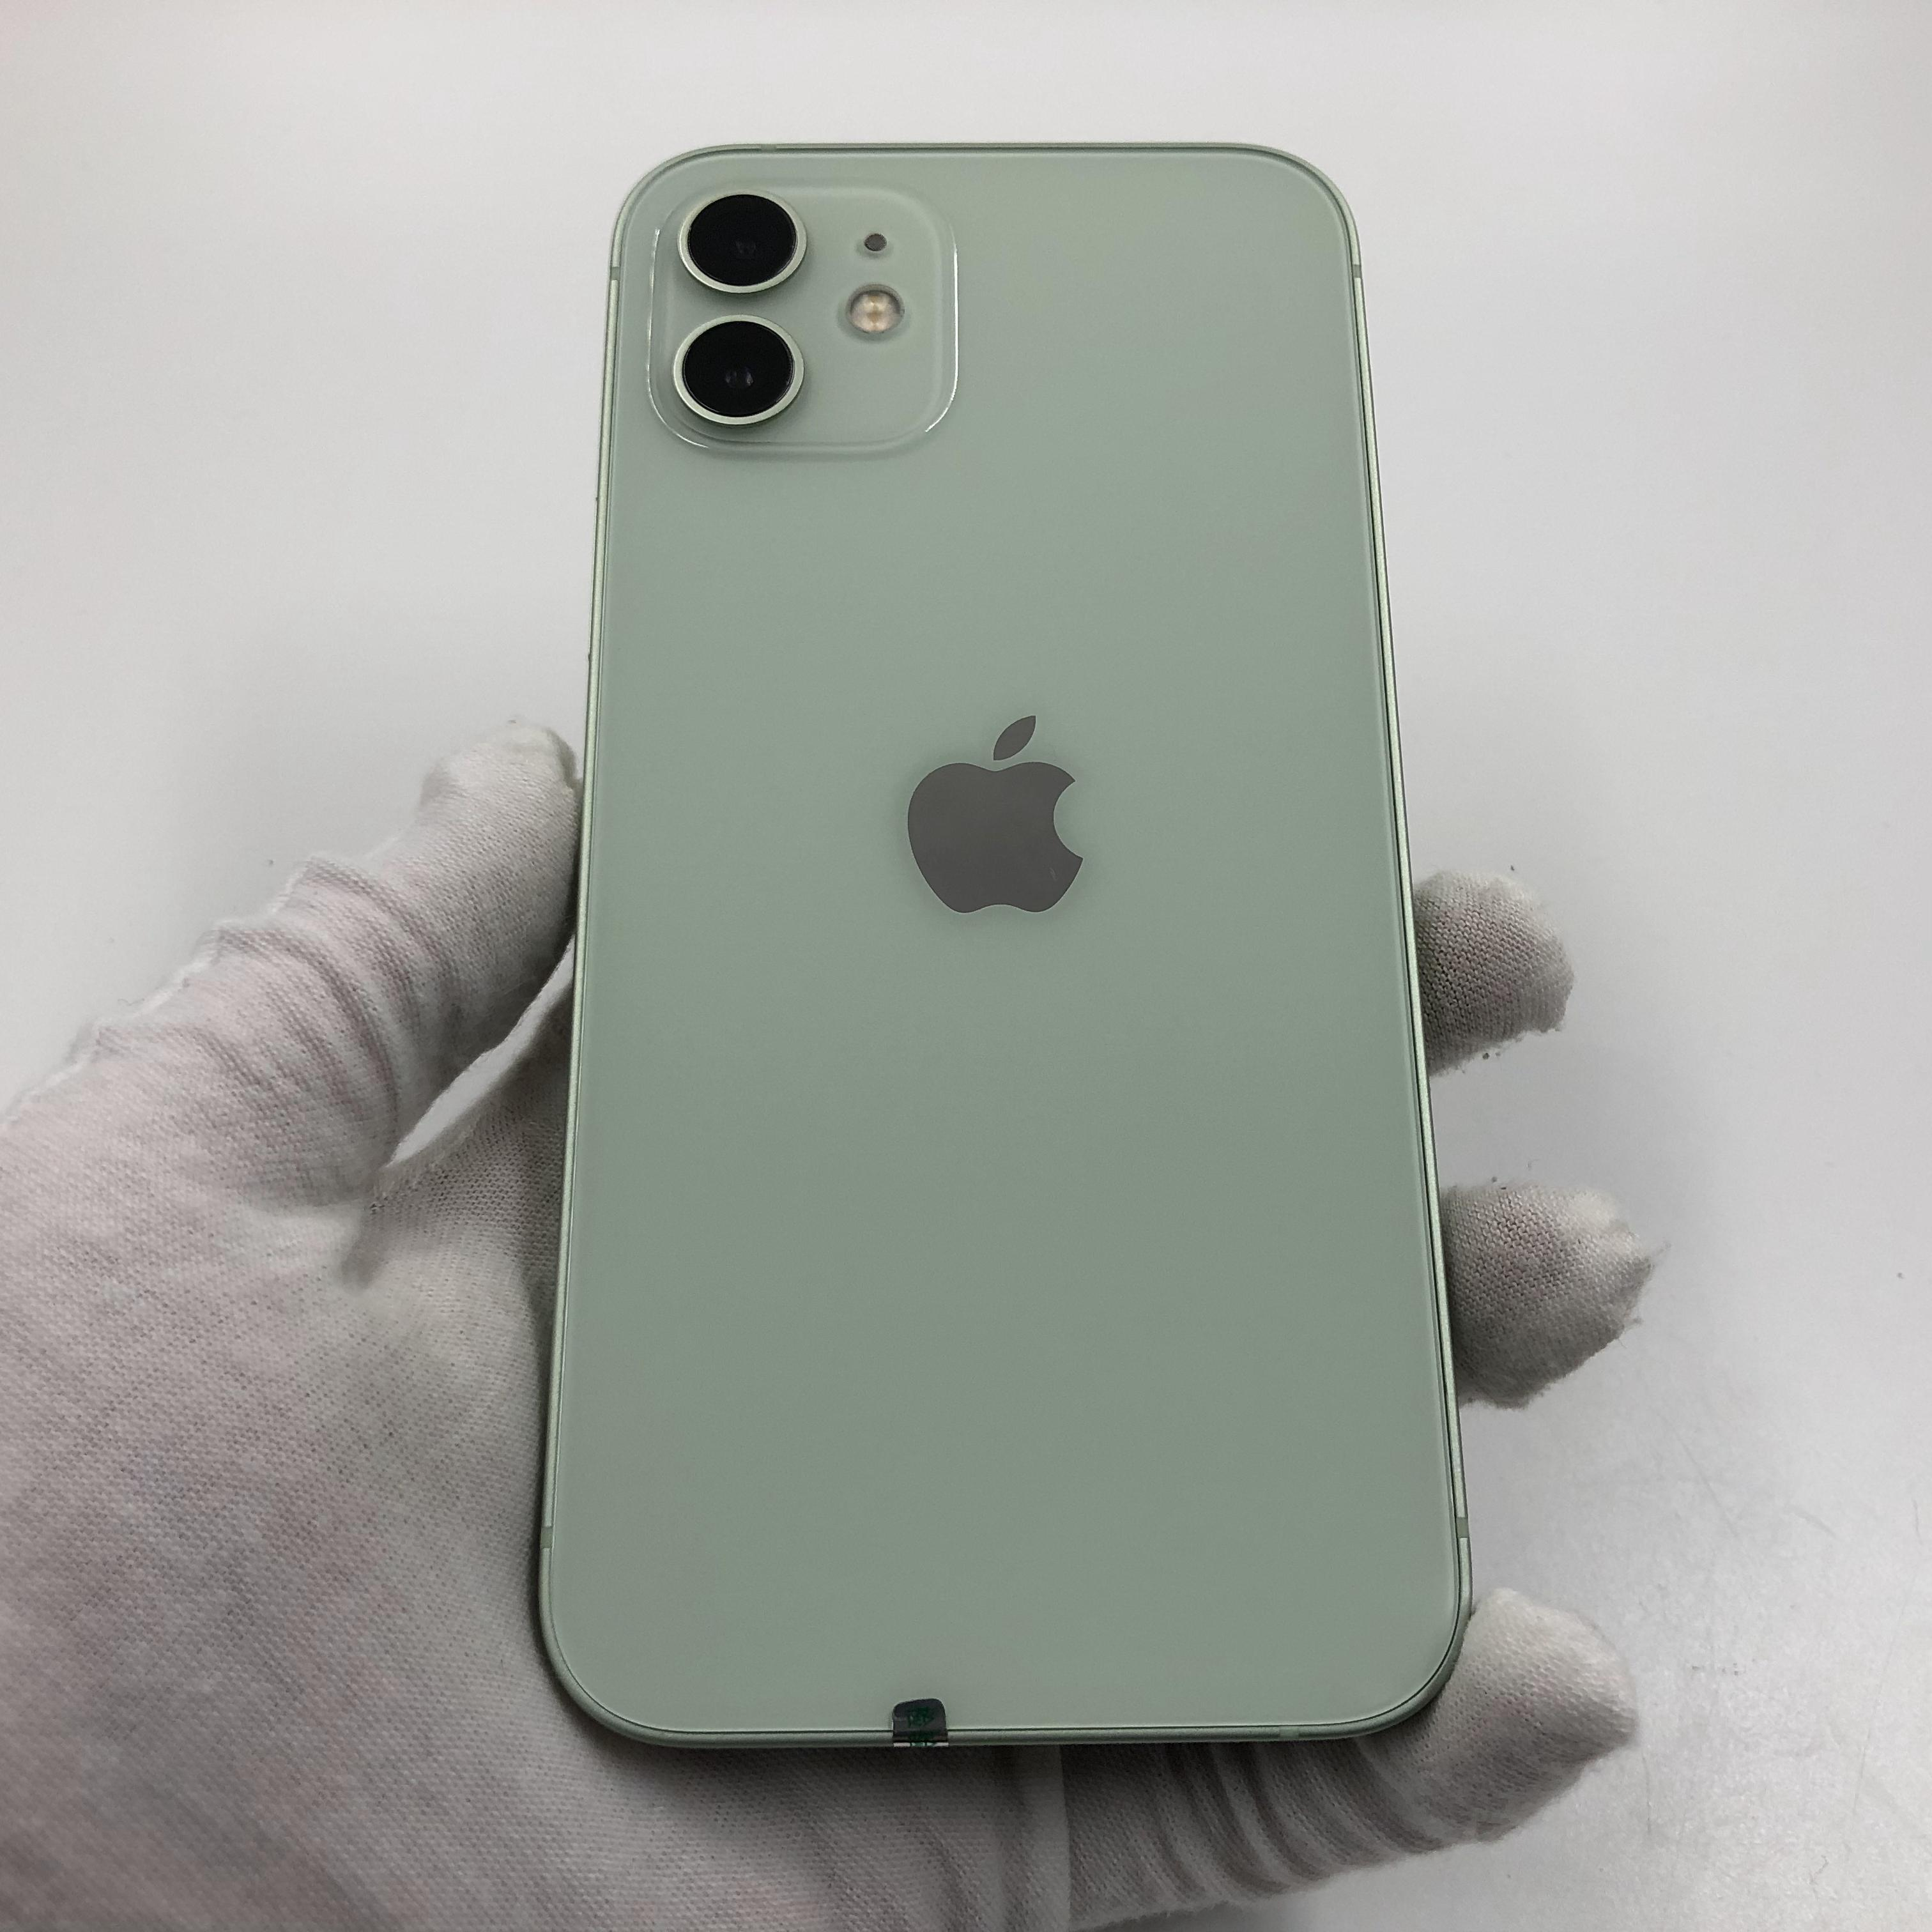 苹果【iPhone 12】5G全网通 绿色 256G 国行 95新 真机实拍官保2022-01-14